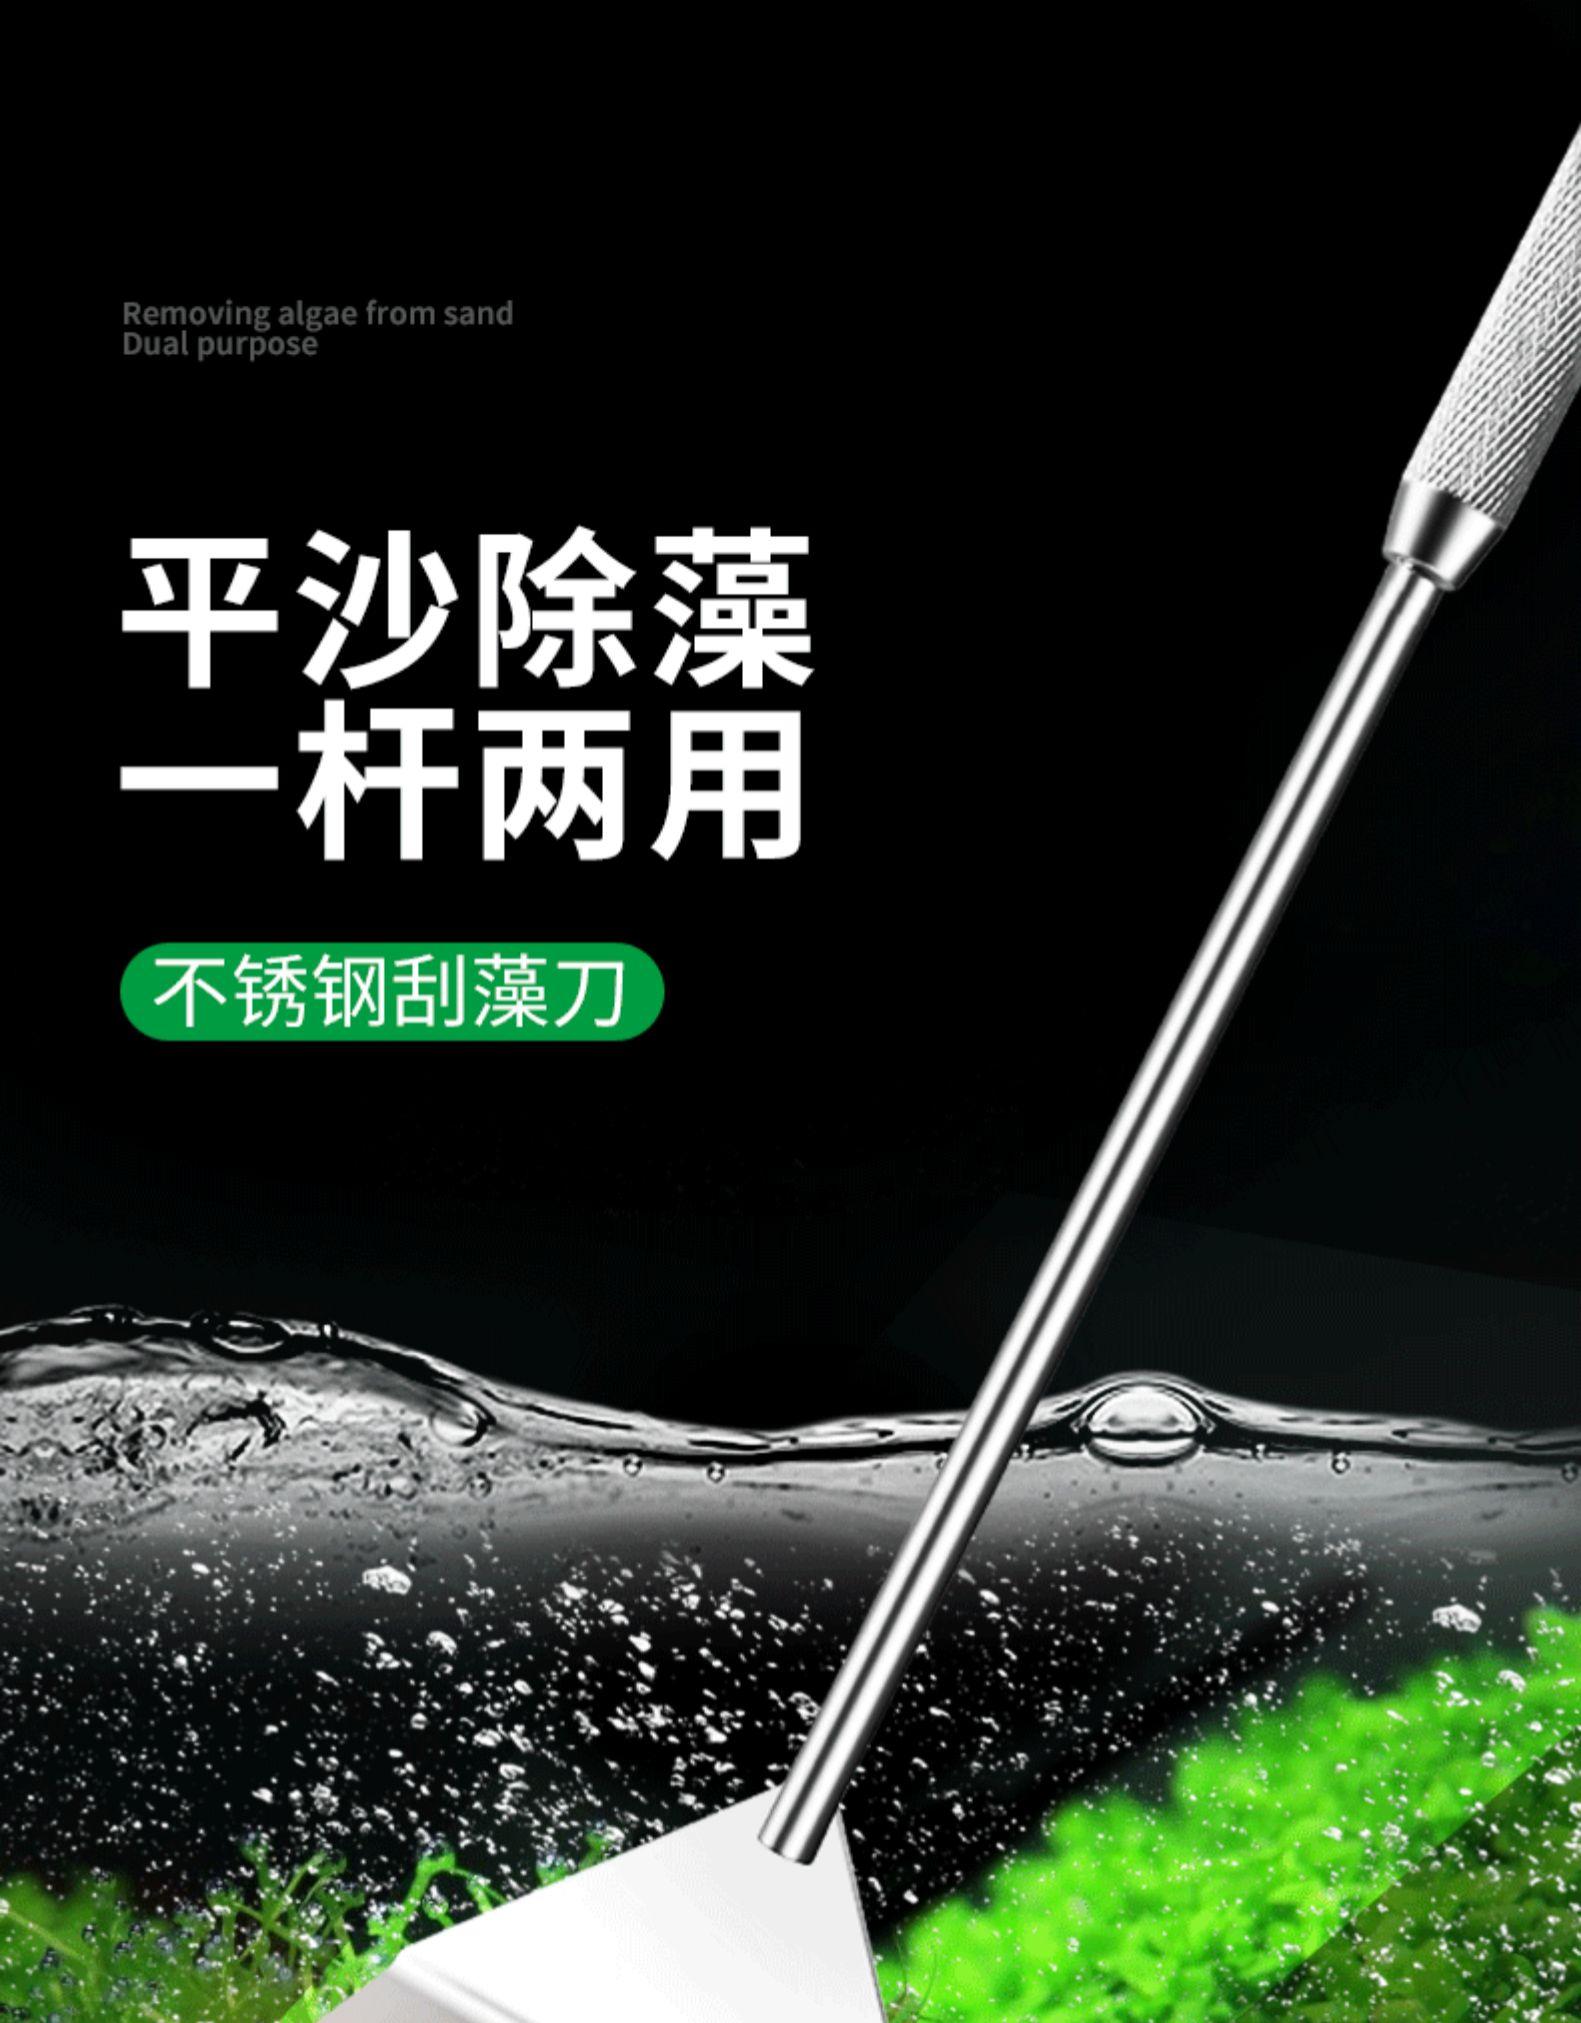 鱼缸刷子刮藻刀磁力刷洗鱼缸无死角除藻刀清洗理工具长柄清洁神器详细照片